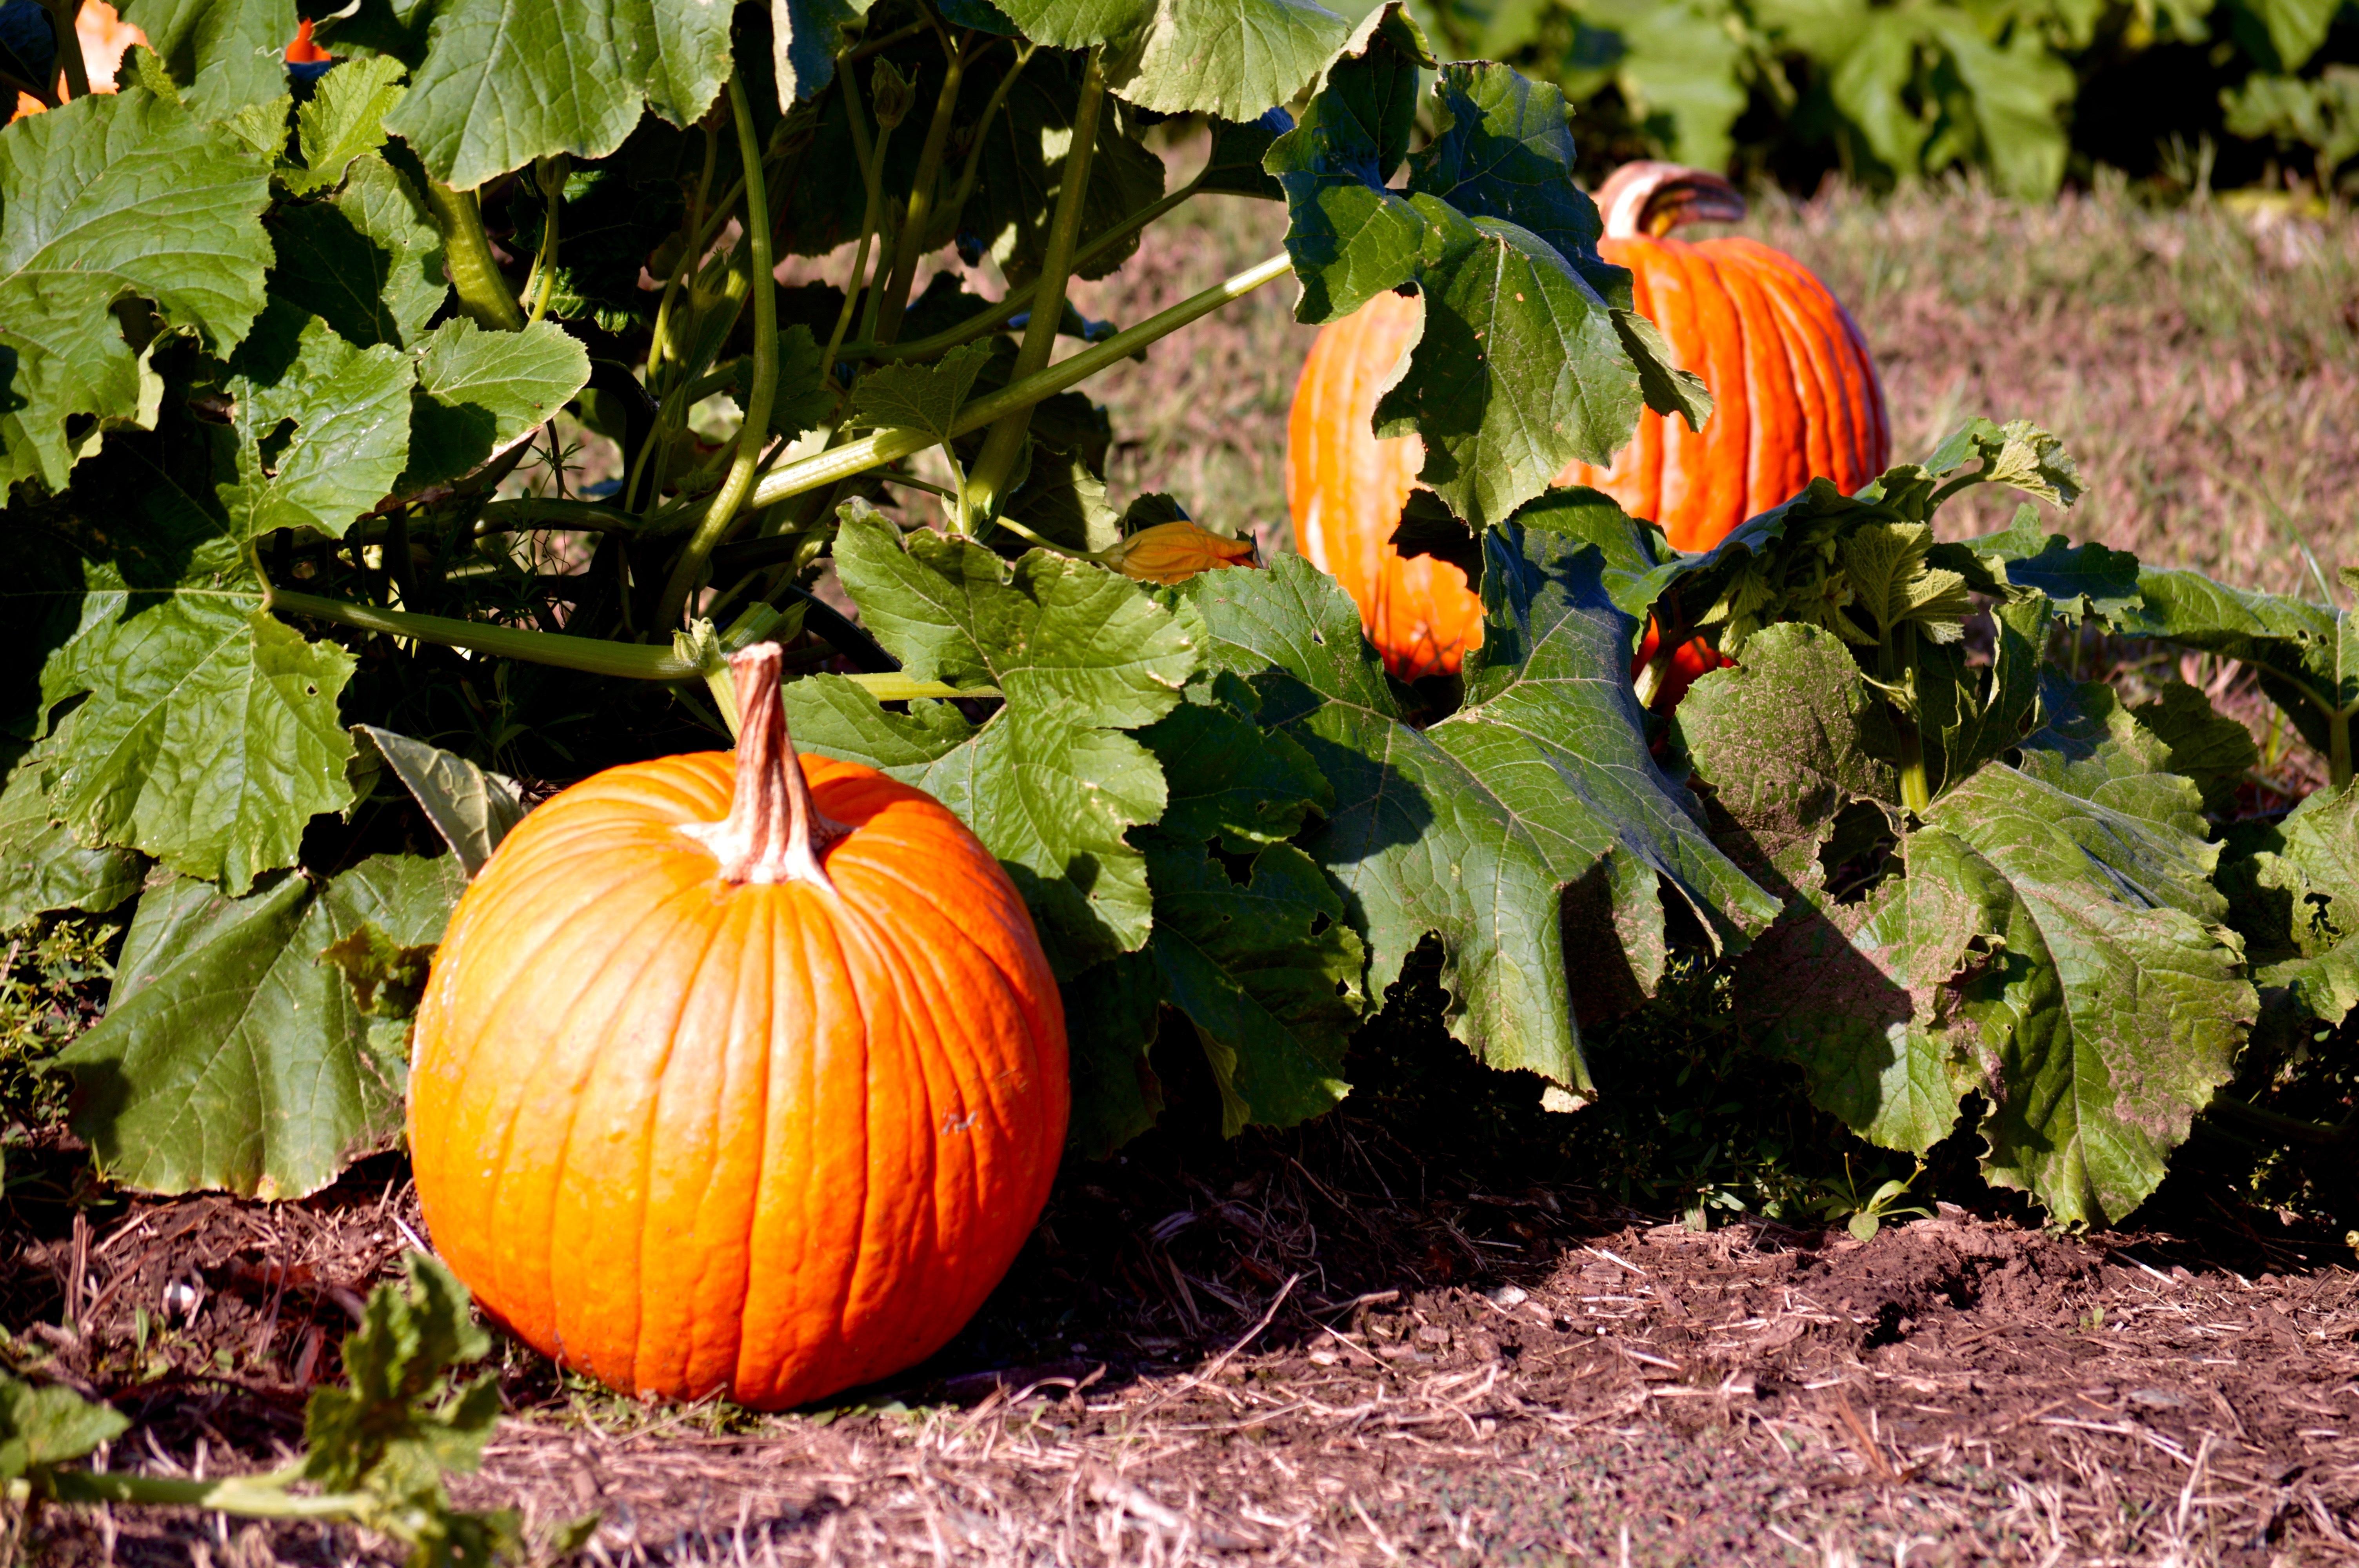 Two pumpkins on vine in field